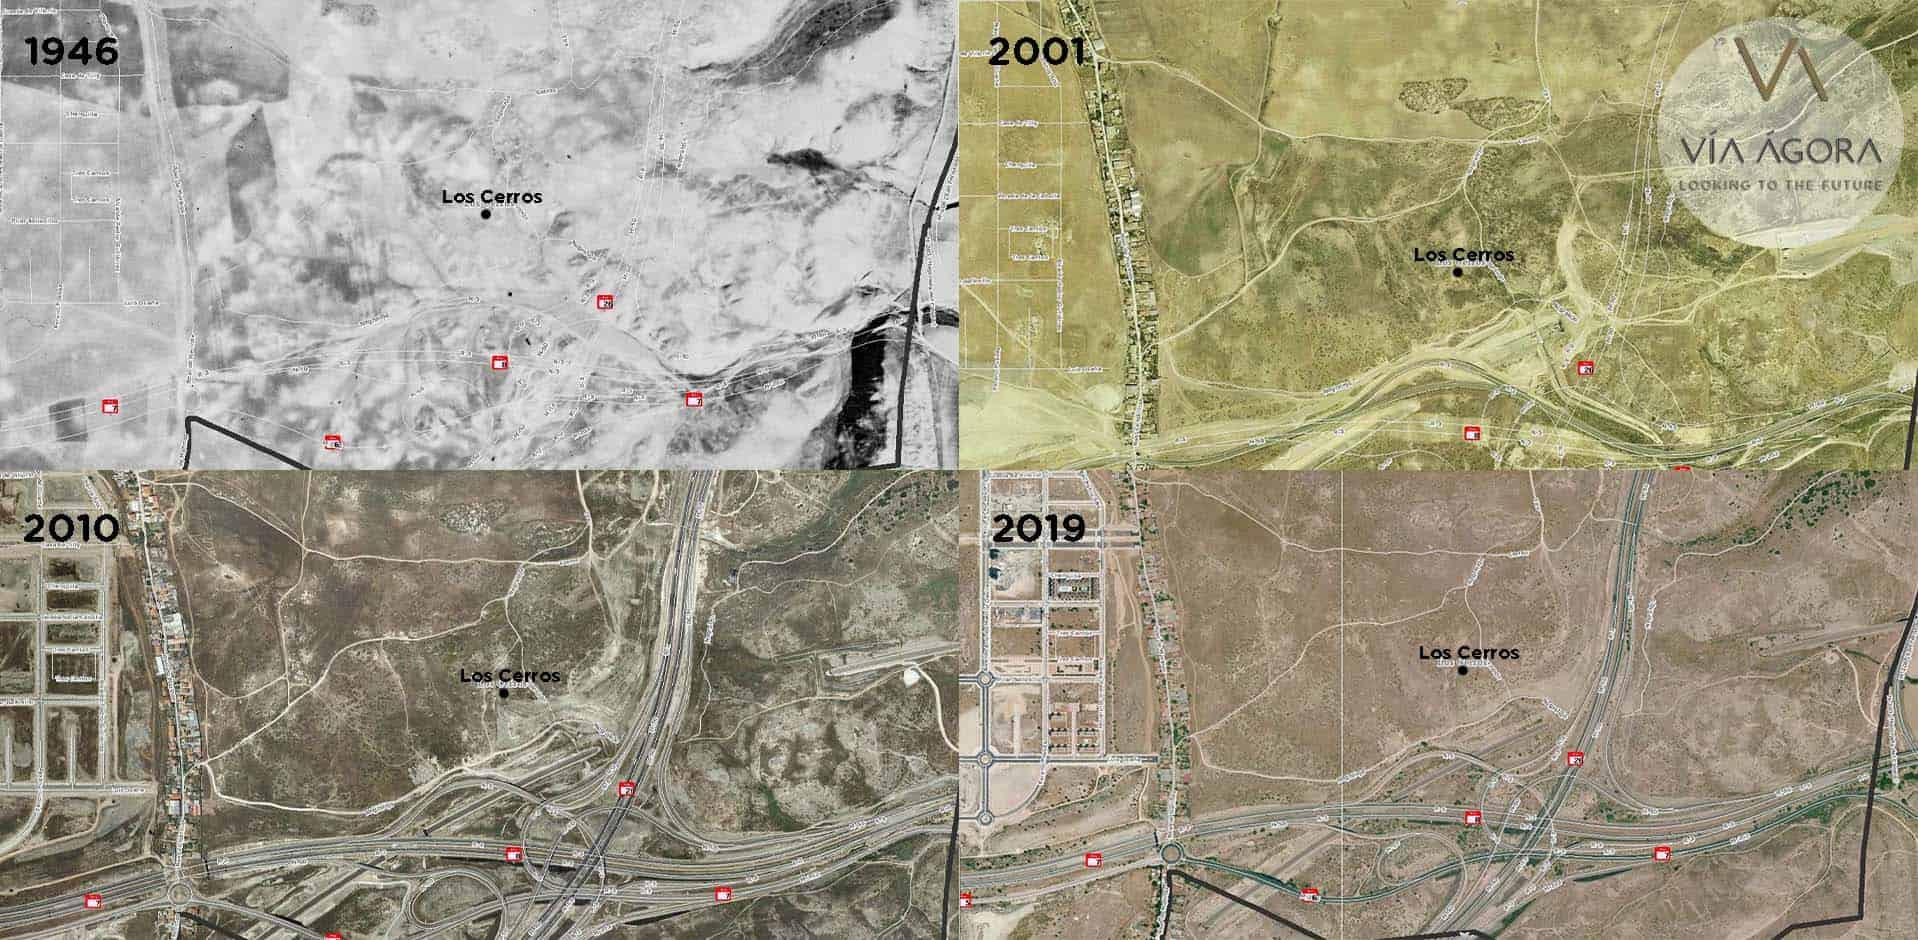 via agora - promotora inmobiliaria - historia suelos - los cerros - 4